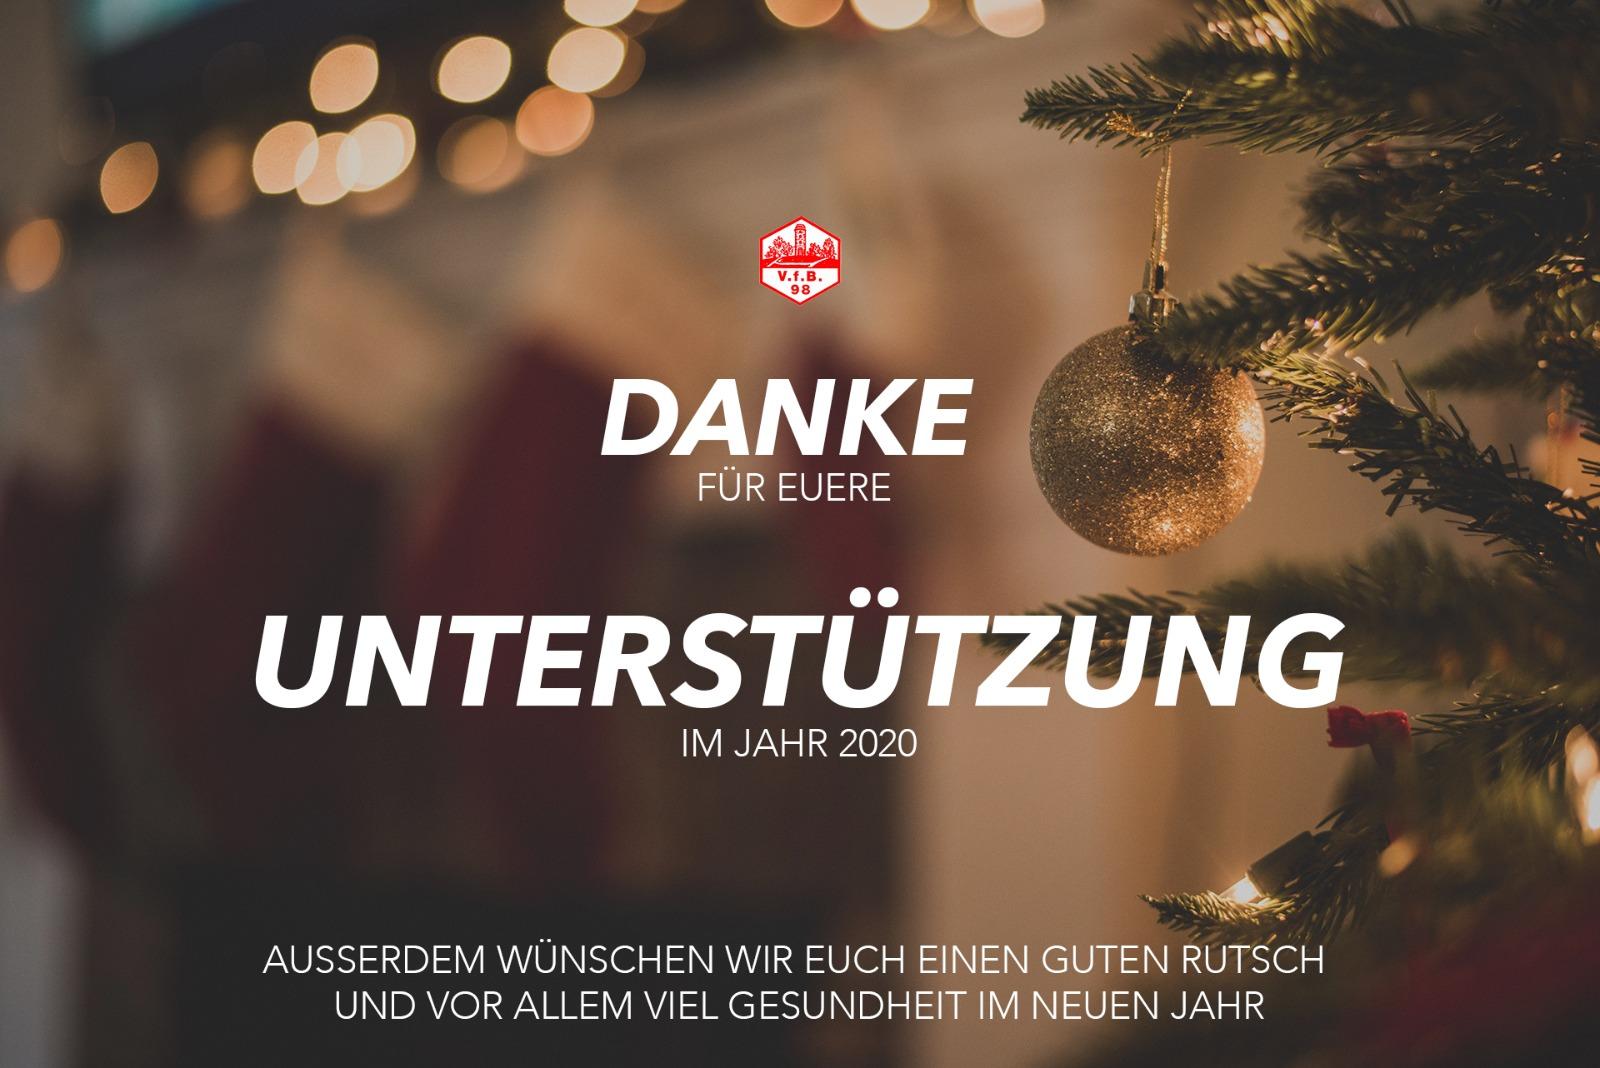 Der VfB wünscht Euch allen frohe Weihnachten!